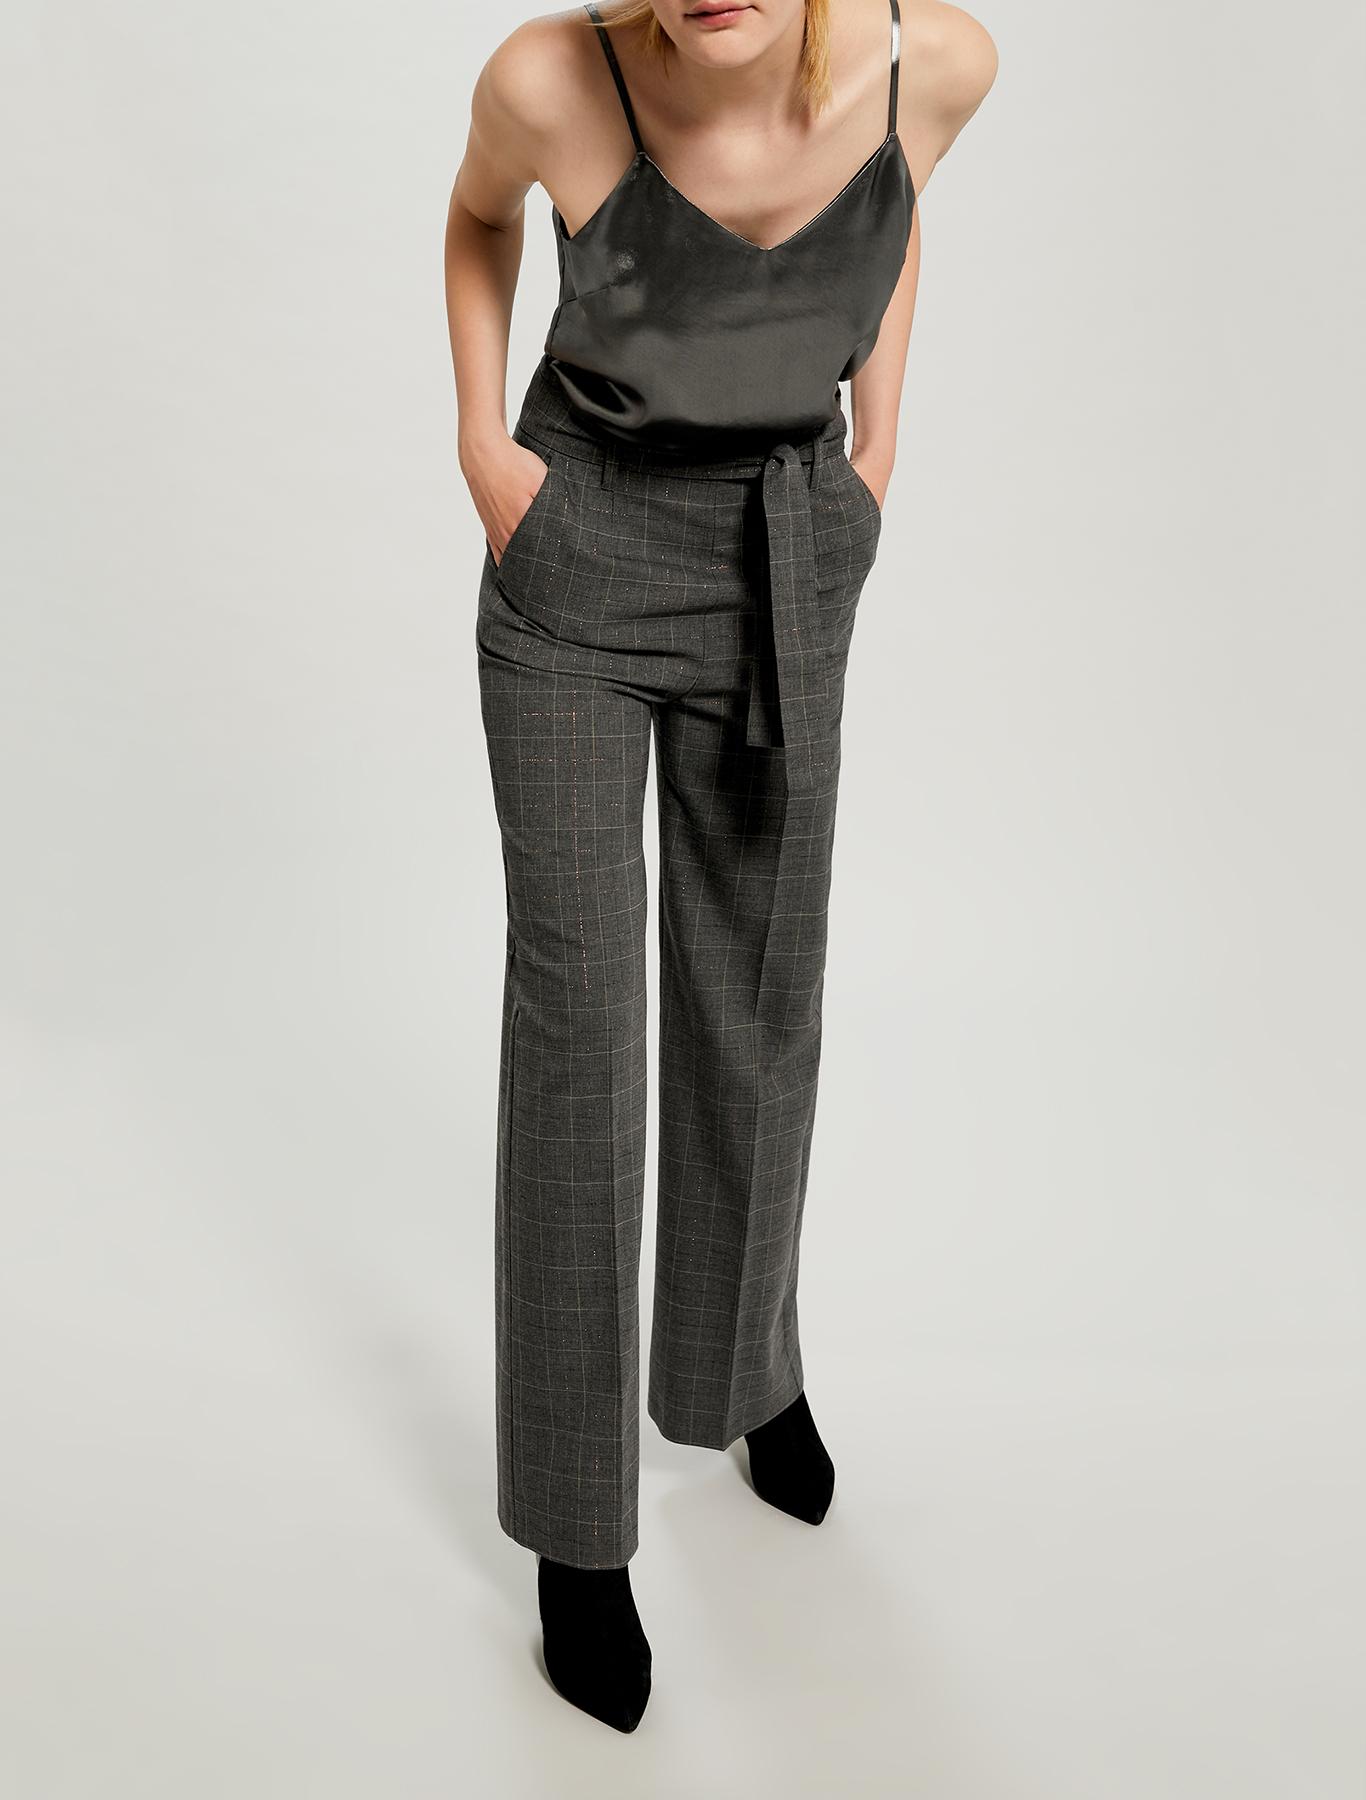 Pantaloni ampi a disegno lamé - fantasia grigio scuro - pennyblack